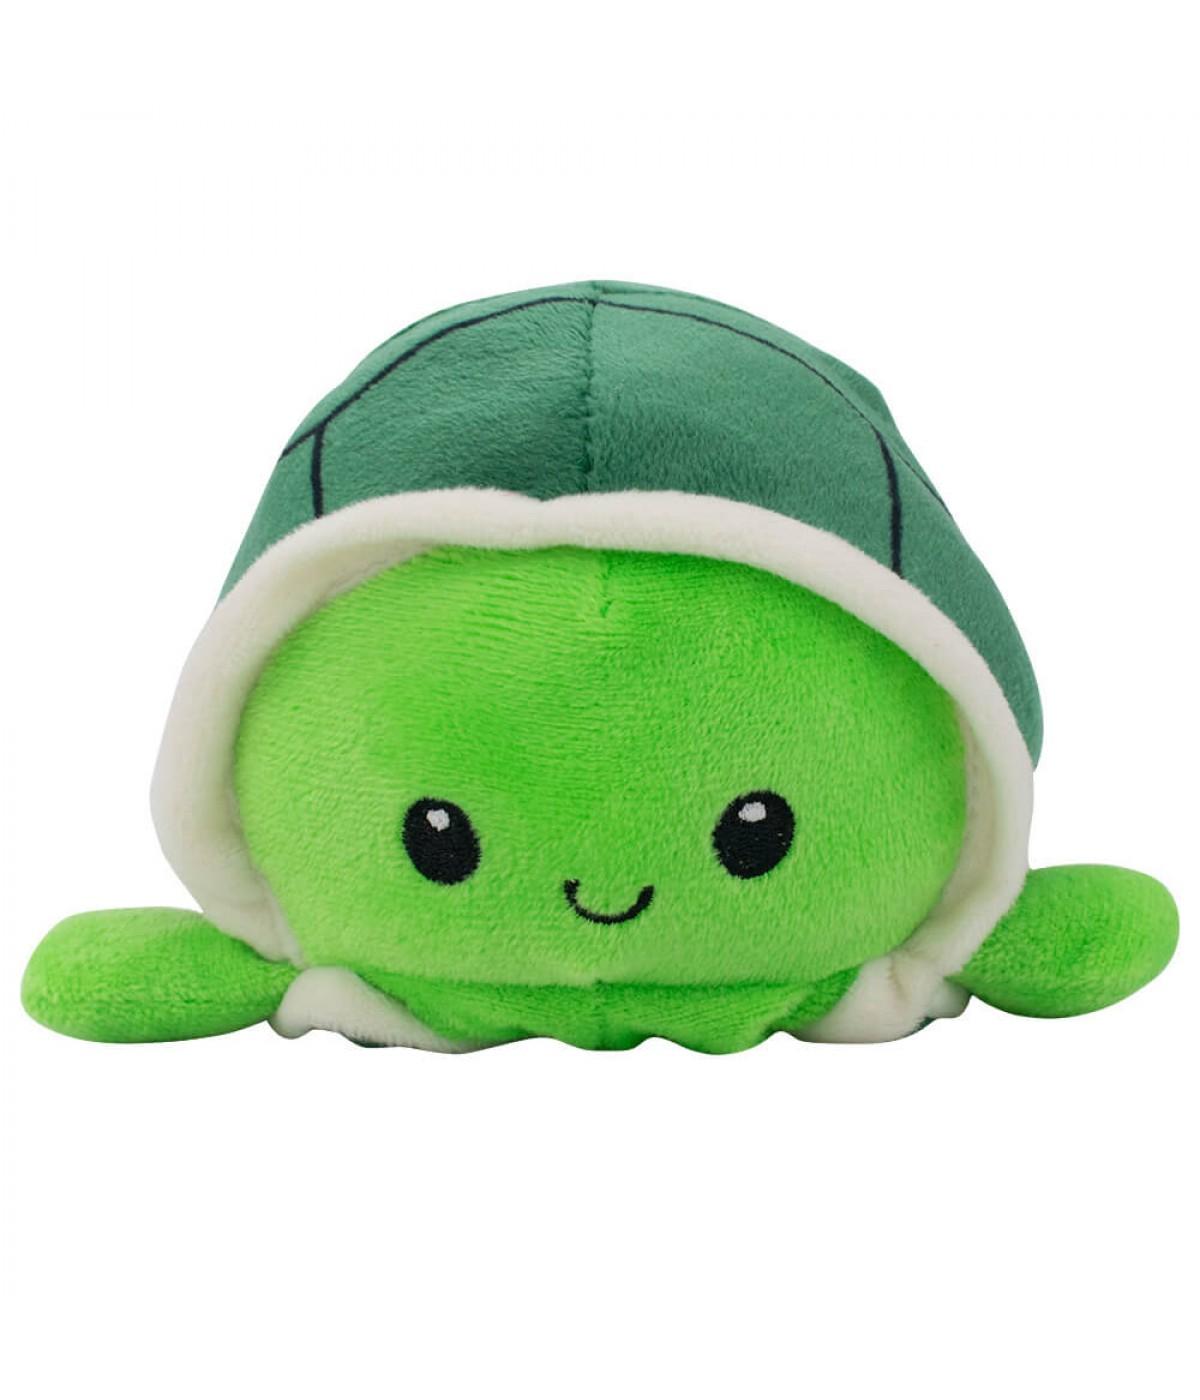 Tartaruga Verde Humor 13cm - Pelúcia